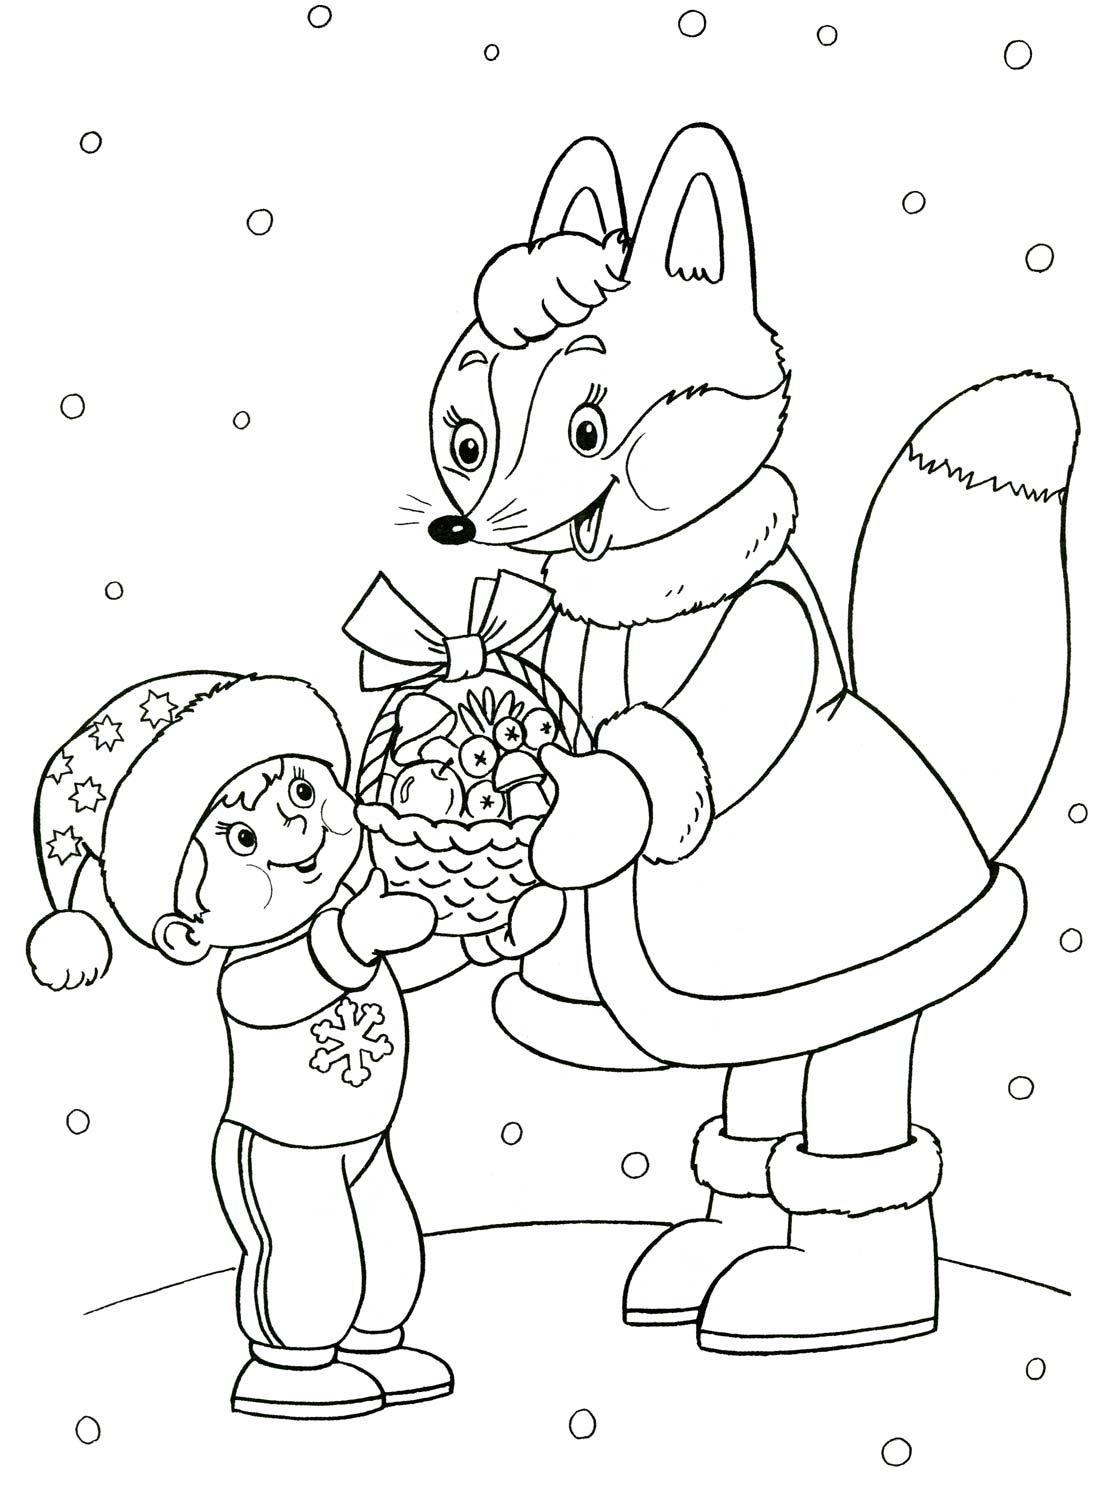 новогоднее раскраска новогодняя секрет, что